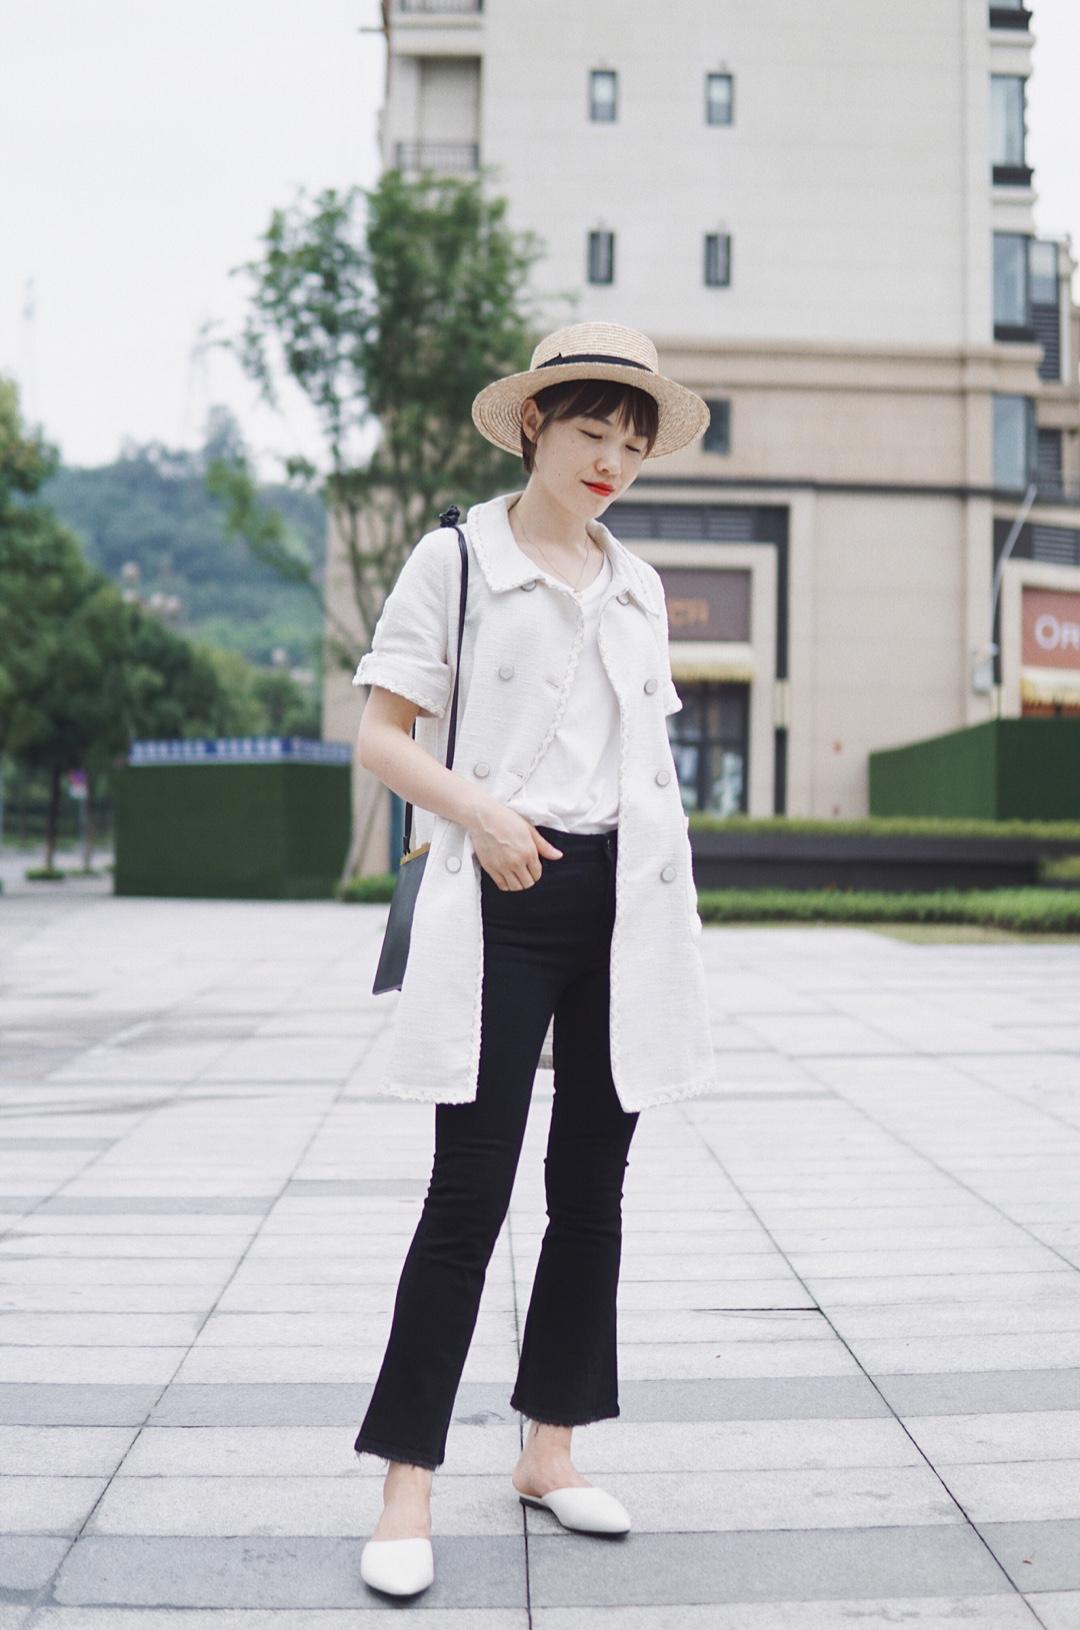 #矮个腿粗没救了?并不!# 这套经典的黑白配色,小香风的连衣裙解开扣子又可以做小外搭,长度刚好遮住屁屁,很适合梨形身材的妹子啦!